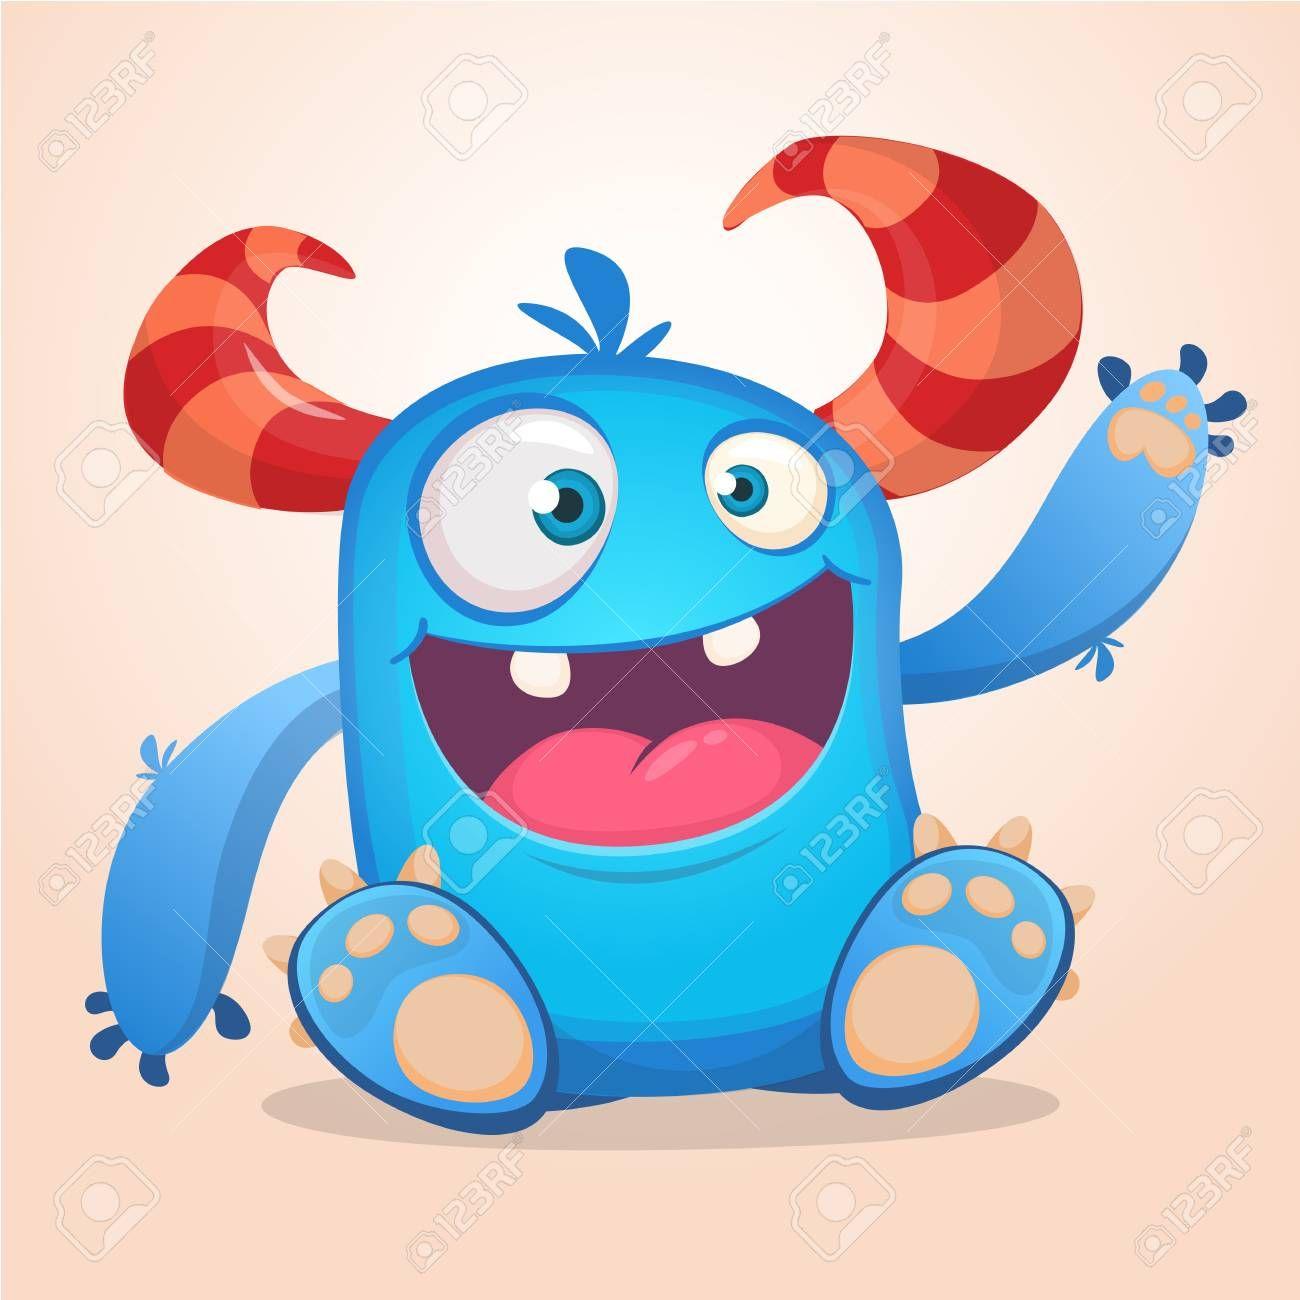 Happy Cute Cartoon Monster Halloween Vector Blue And Horned Cartoon Monsters Cute Monsters Drawings Halloween Vector